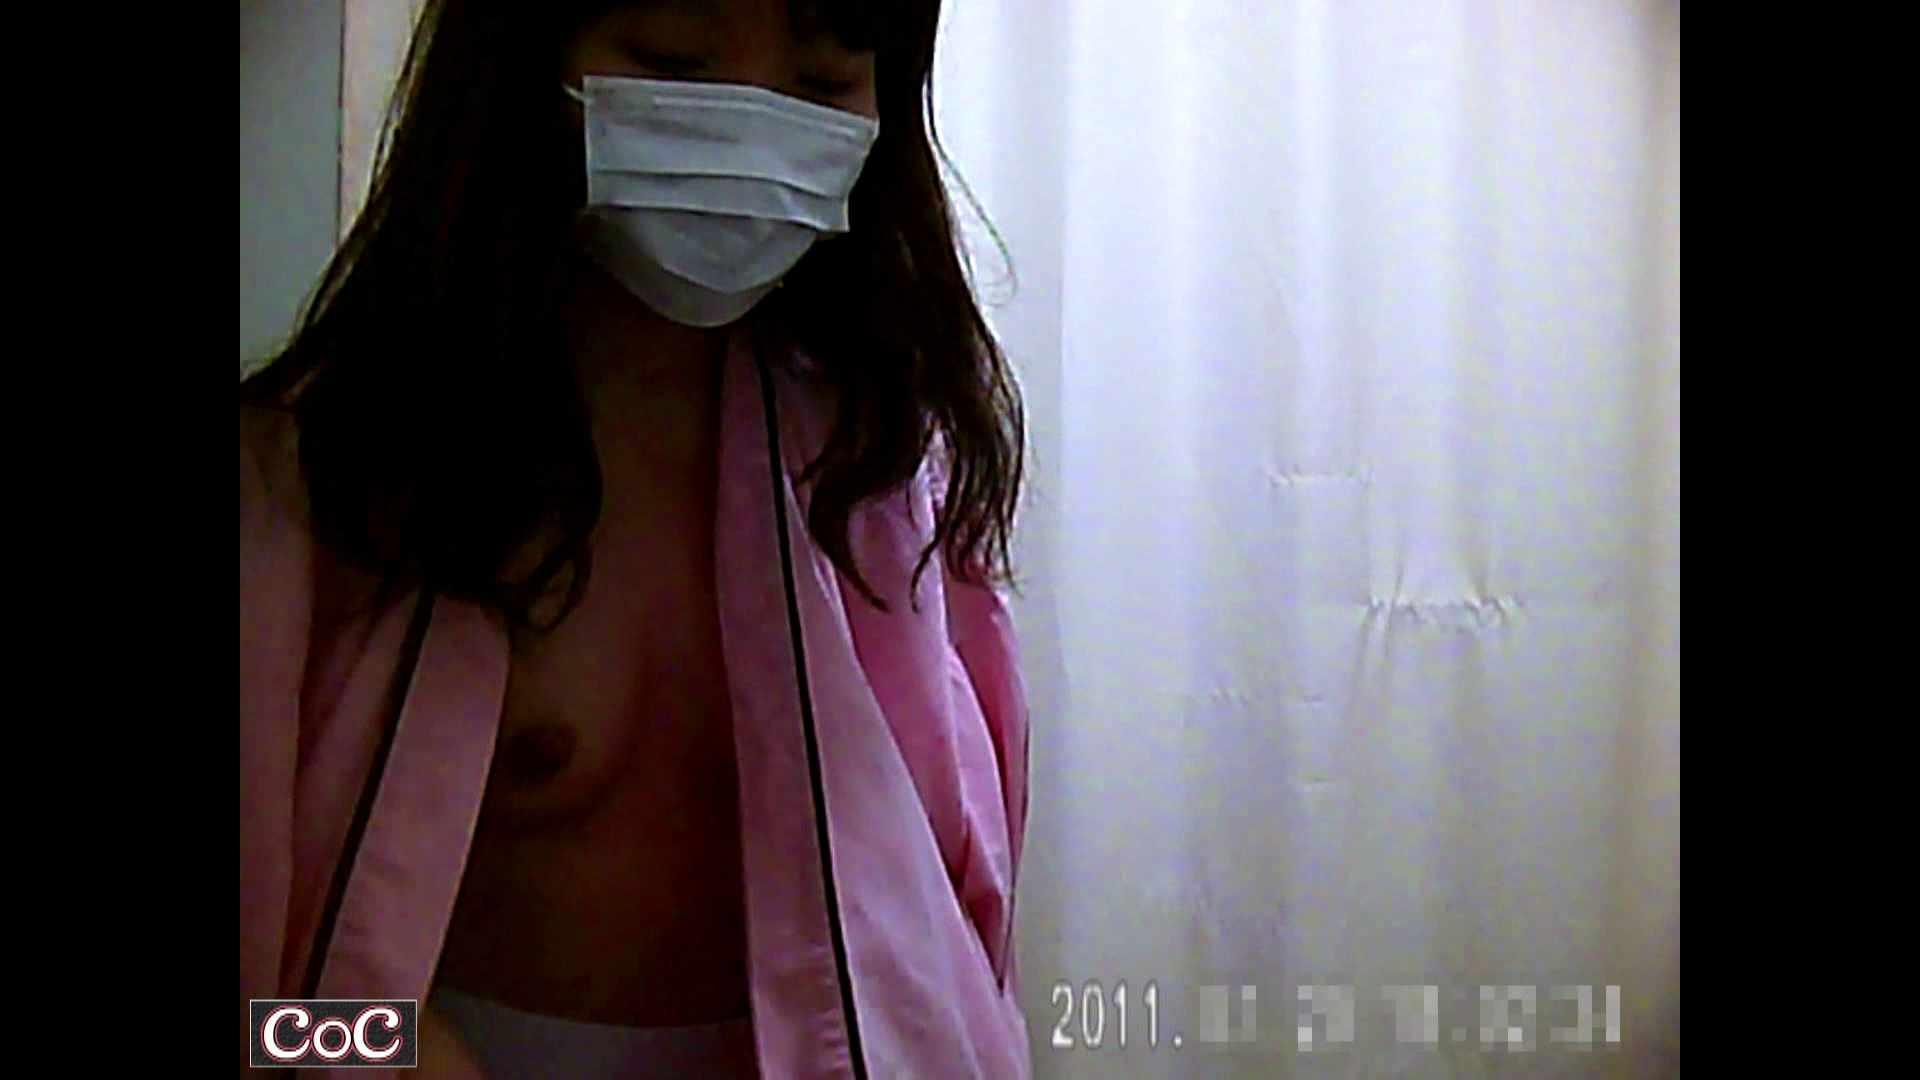 元医者による反抗 更衣室地獄絵巻 vol.292 OL  84pic 48